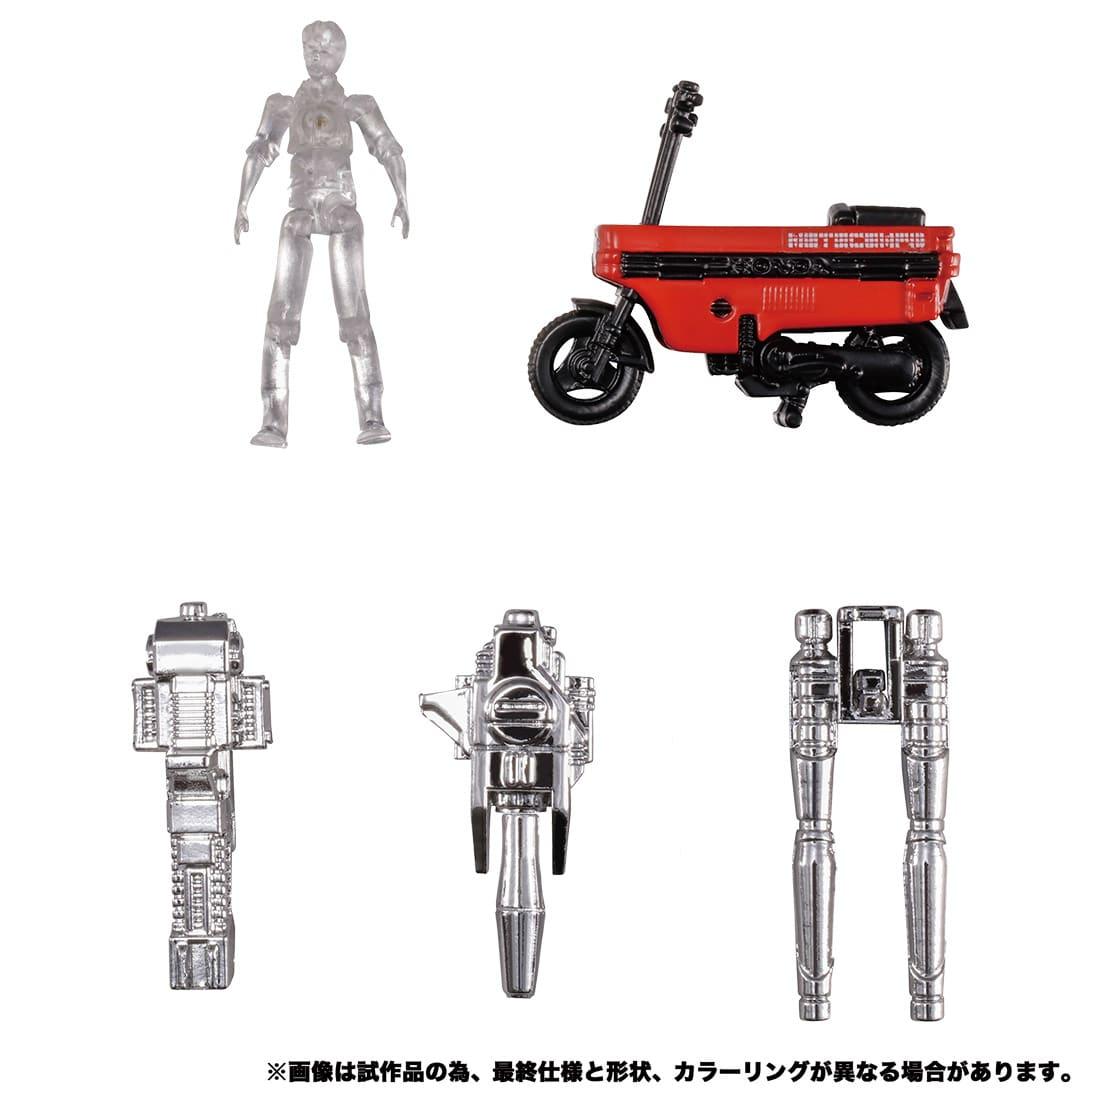 マスターピース『MP-53 スキッズ』トランスフォーマー 可変可動フィギュア-016